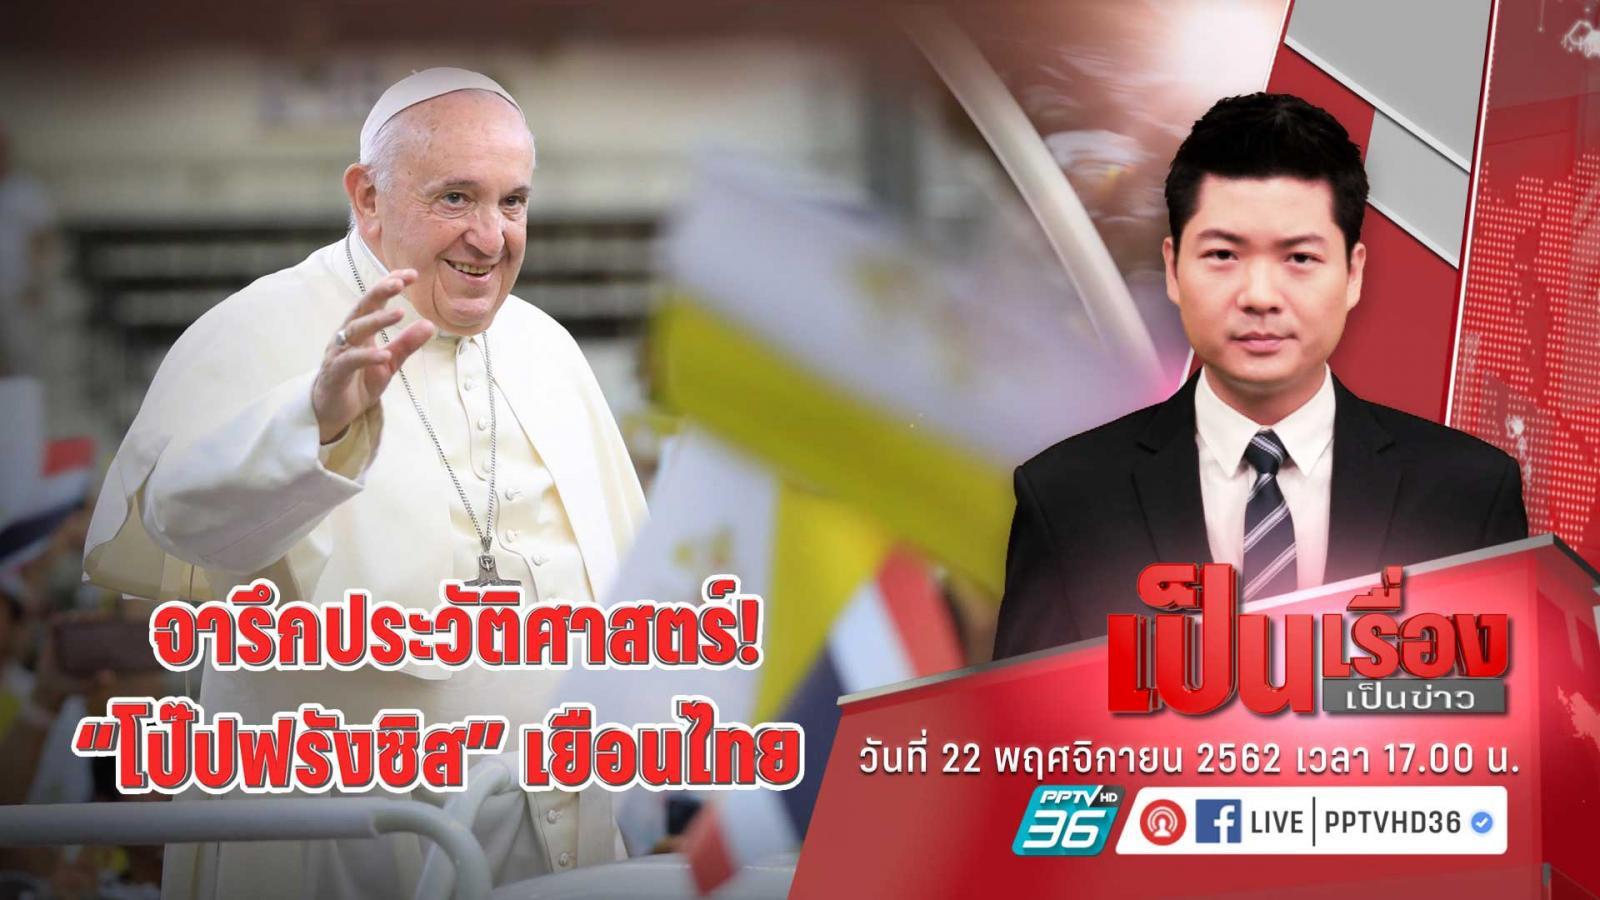 """""""เป็นเรื่องเป็นข่าว"""" - """"โป๊ปฟรังซิส"""" เสด็จเยือนไทย สร้างสันติภาพและความเป็นหนึ่งเดียวกัน"""